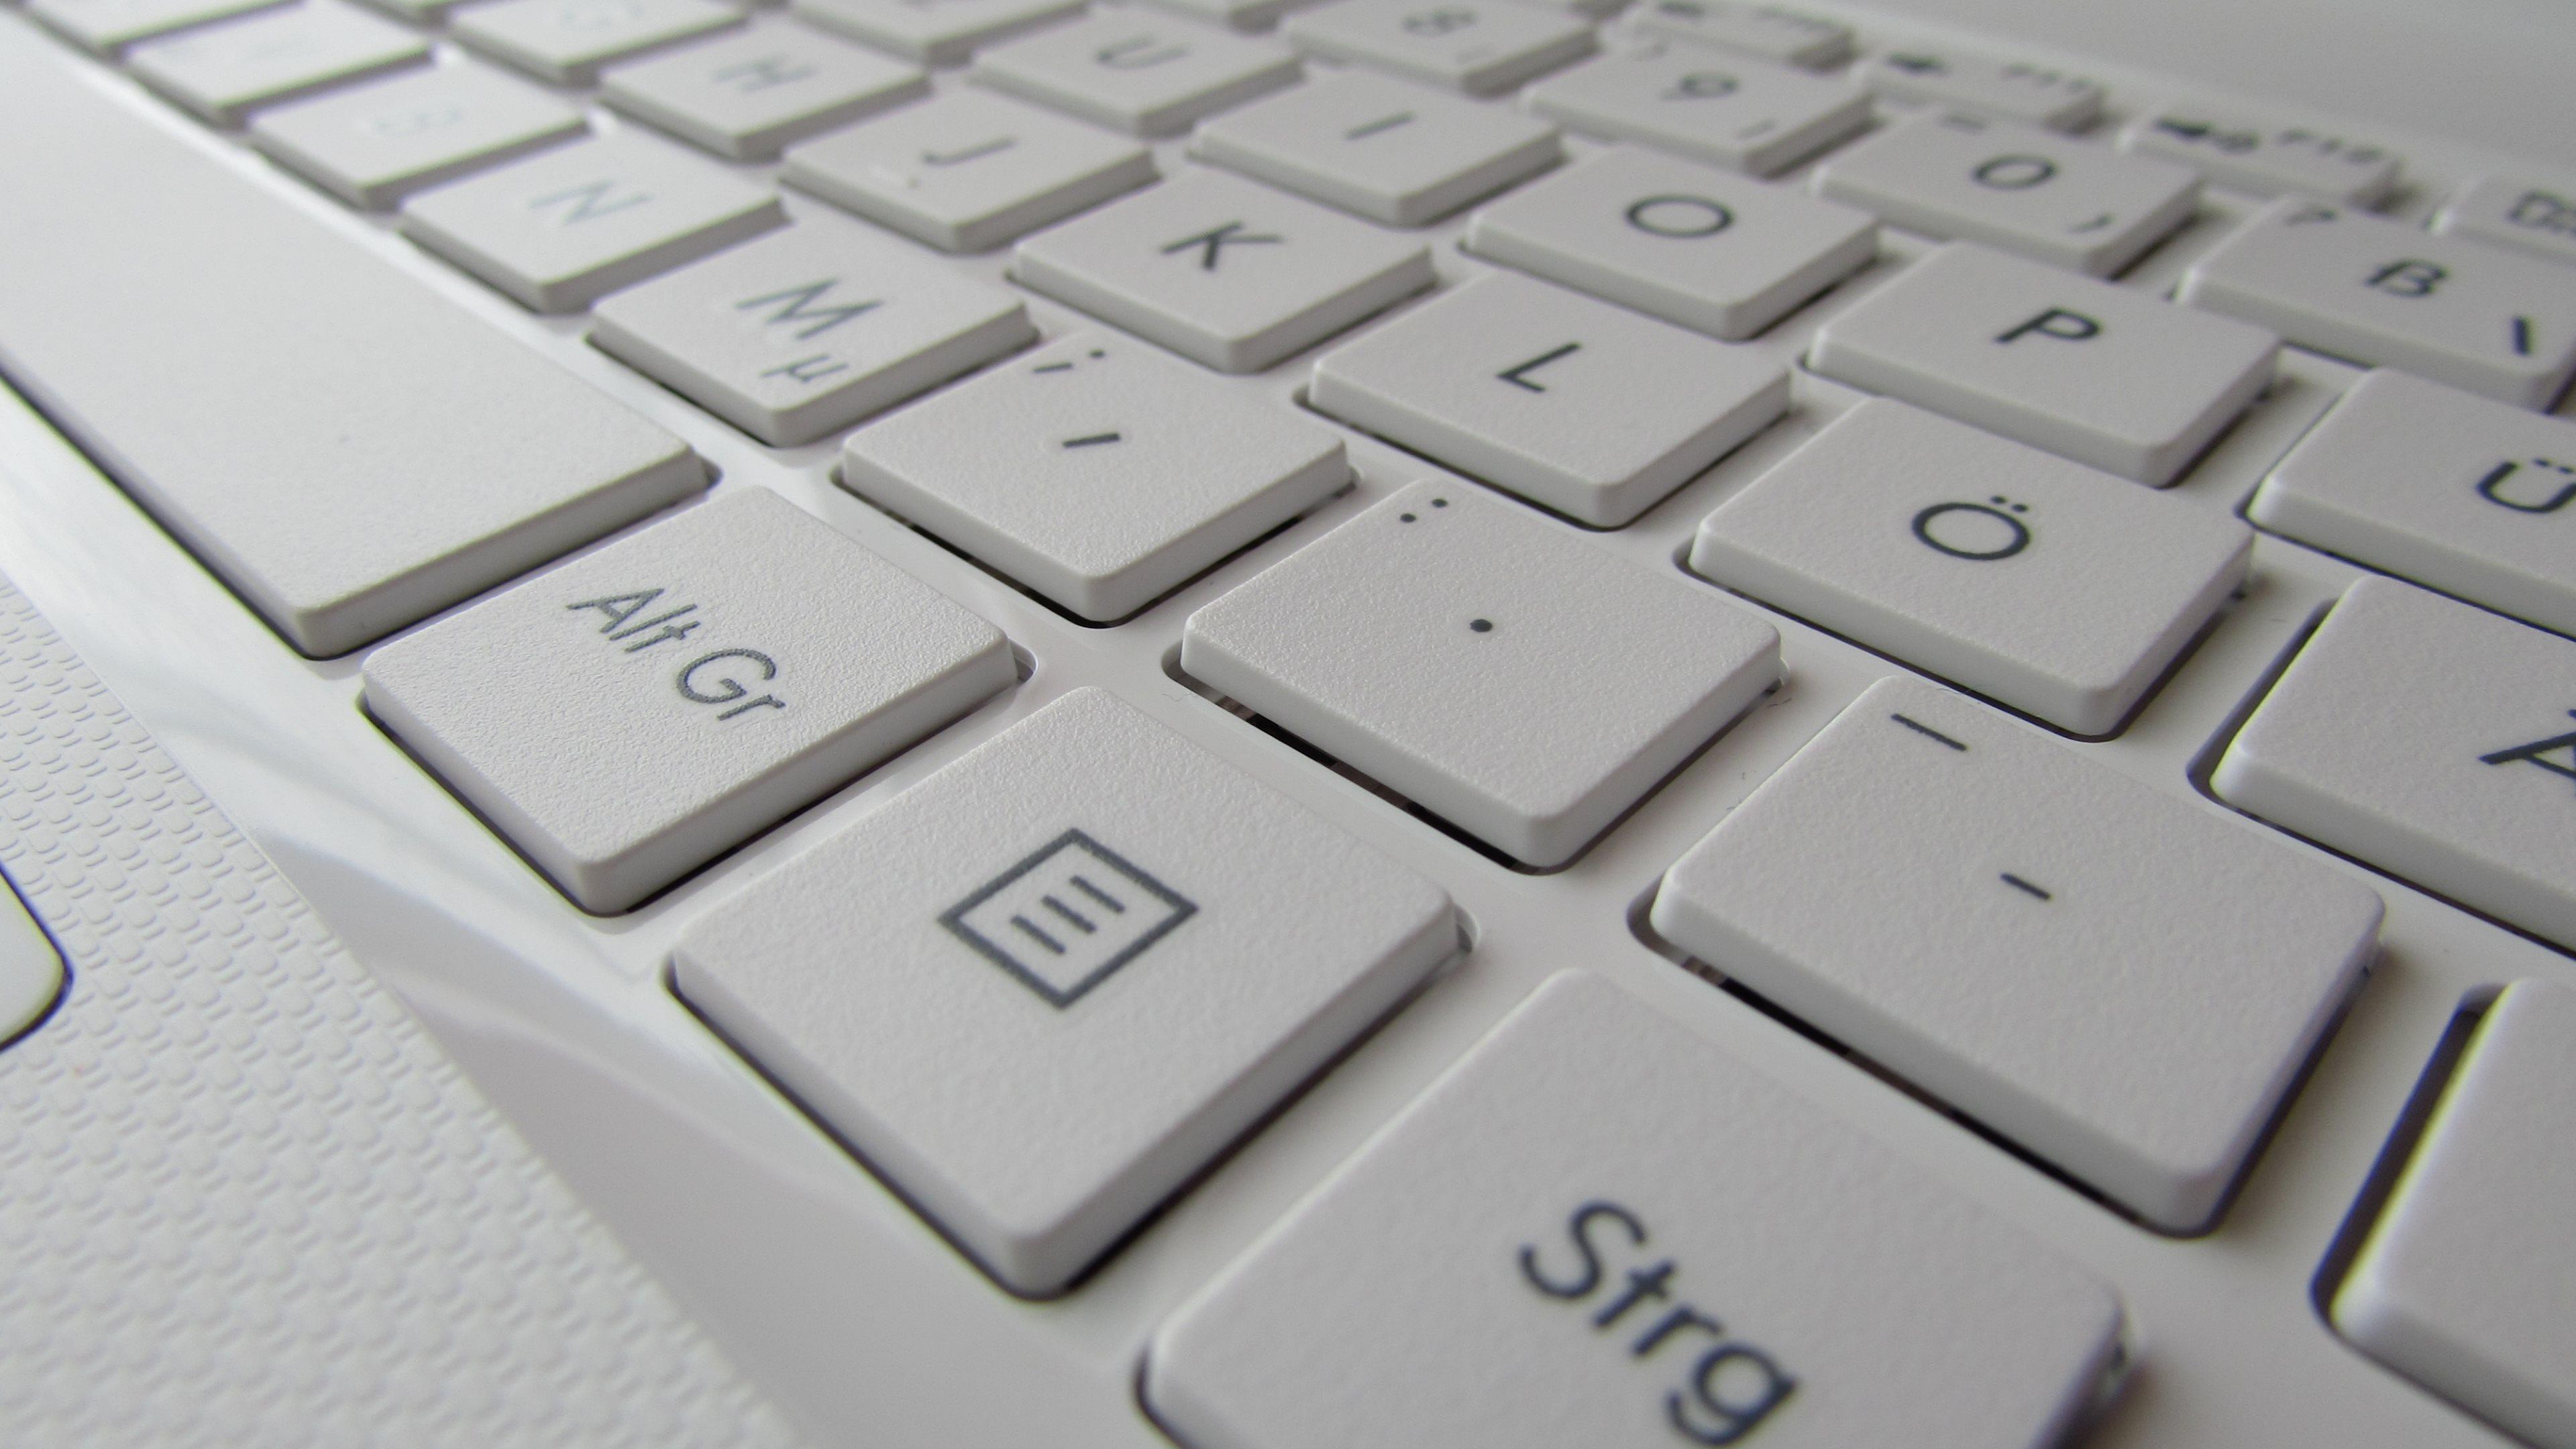 Klavye 4k Ultra Hd Duvar Kağıdı Arka Plan 3840x2160 Id547016